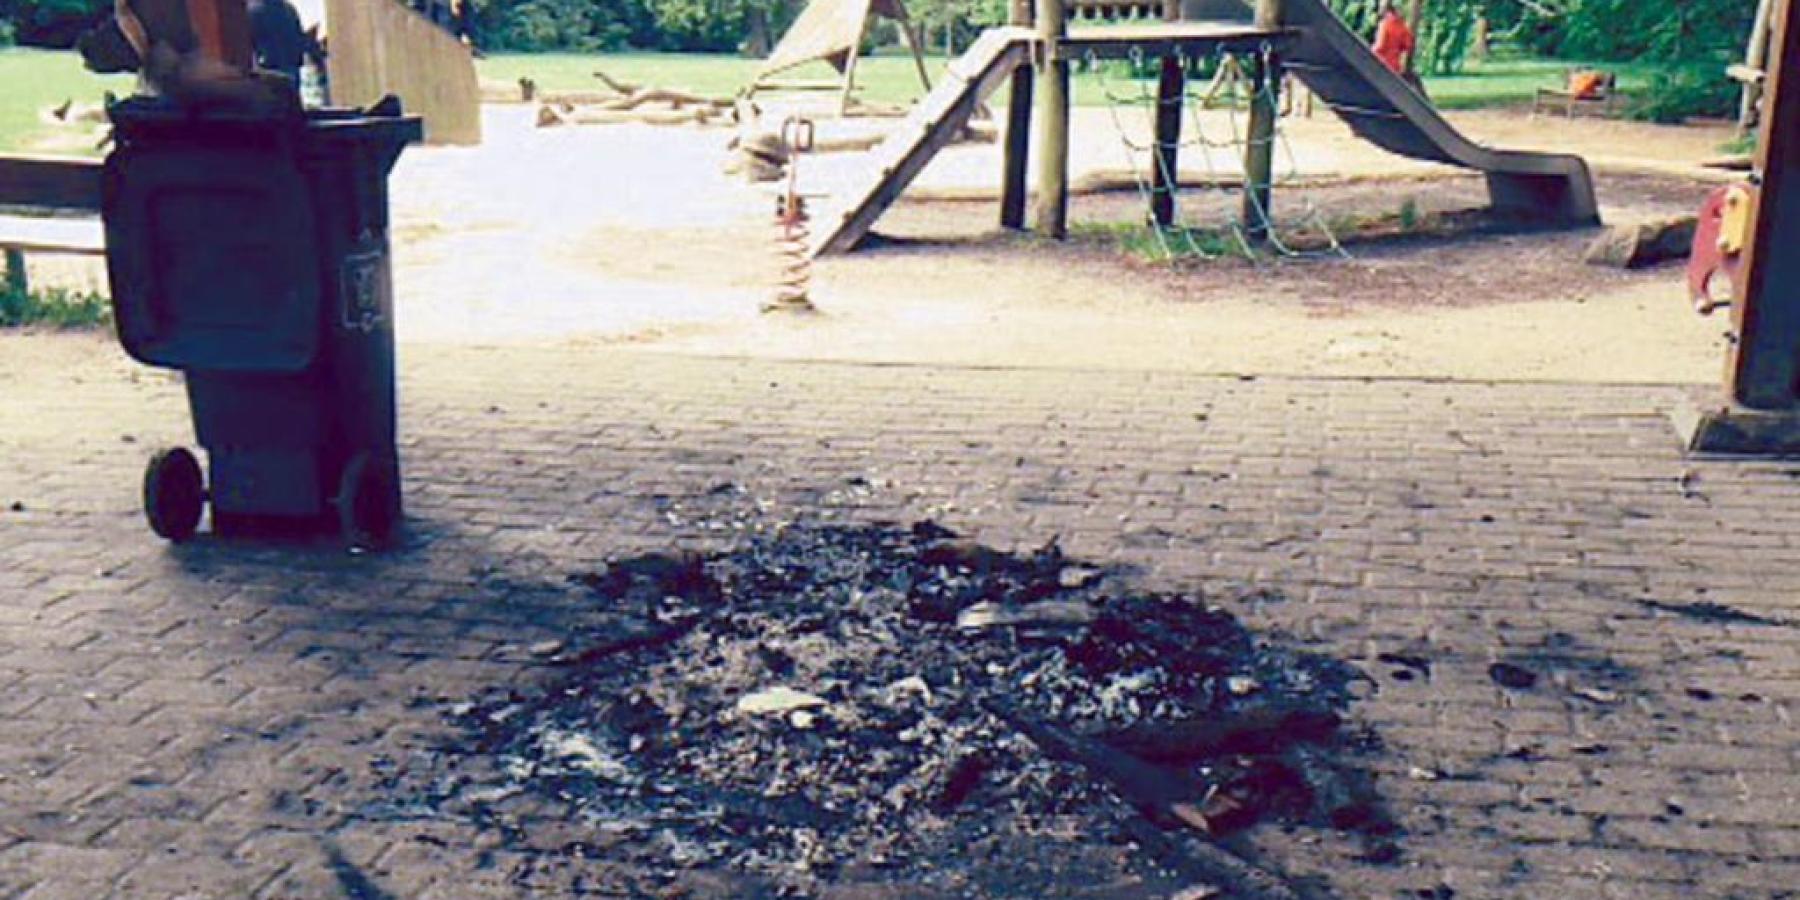 Unbekannte Täter zünden Prospekte an – Klettergerüst auf Spielplatz beschädigt